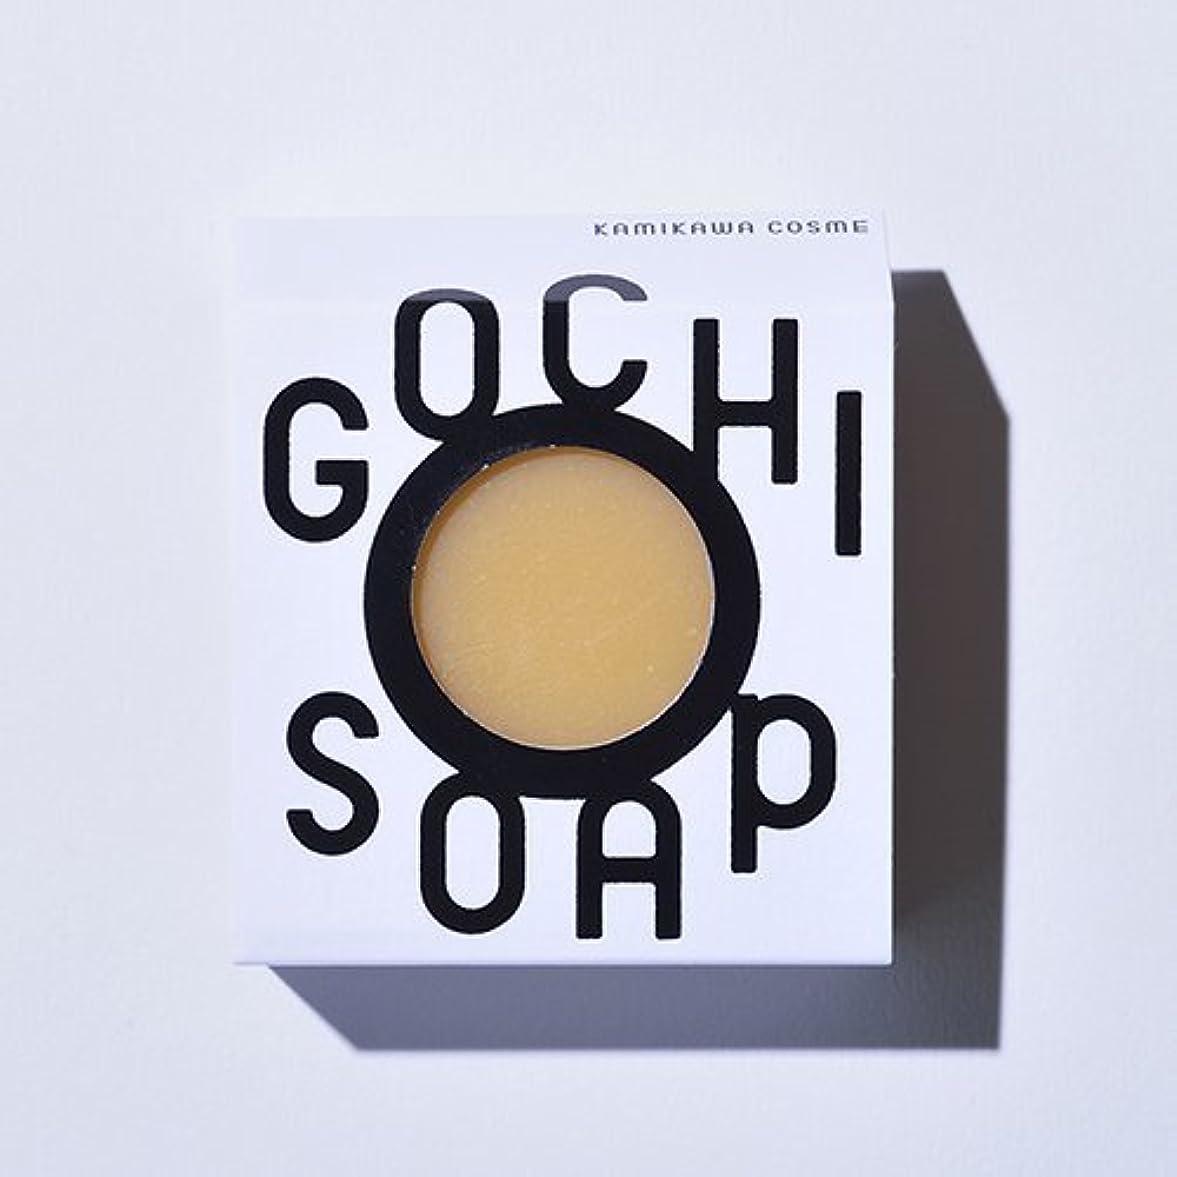 大西洋転送直面するGOCHI SOAP ゴチソープ 谷口農場のトマトソープ